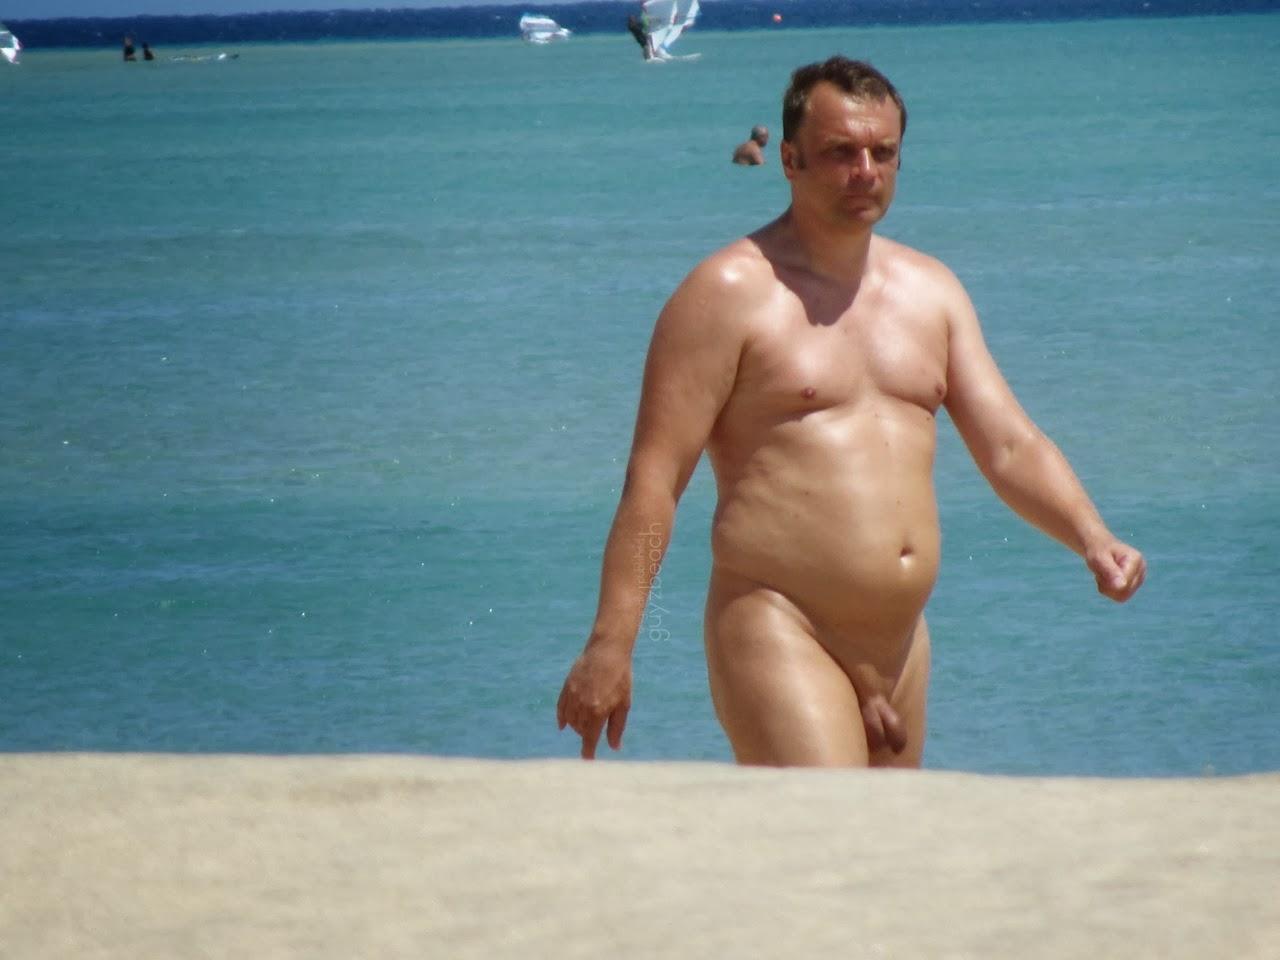 spy photos at nude beaches jpg 1080x810